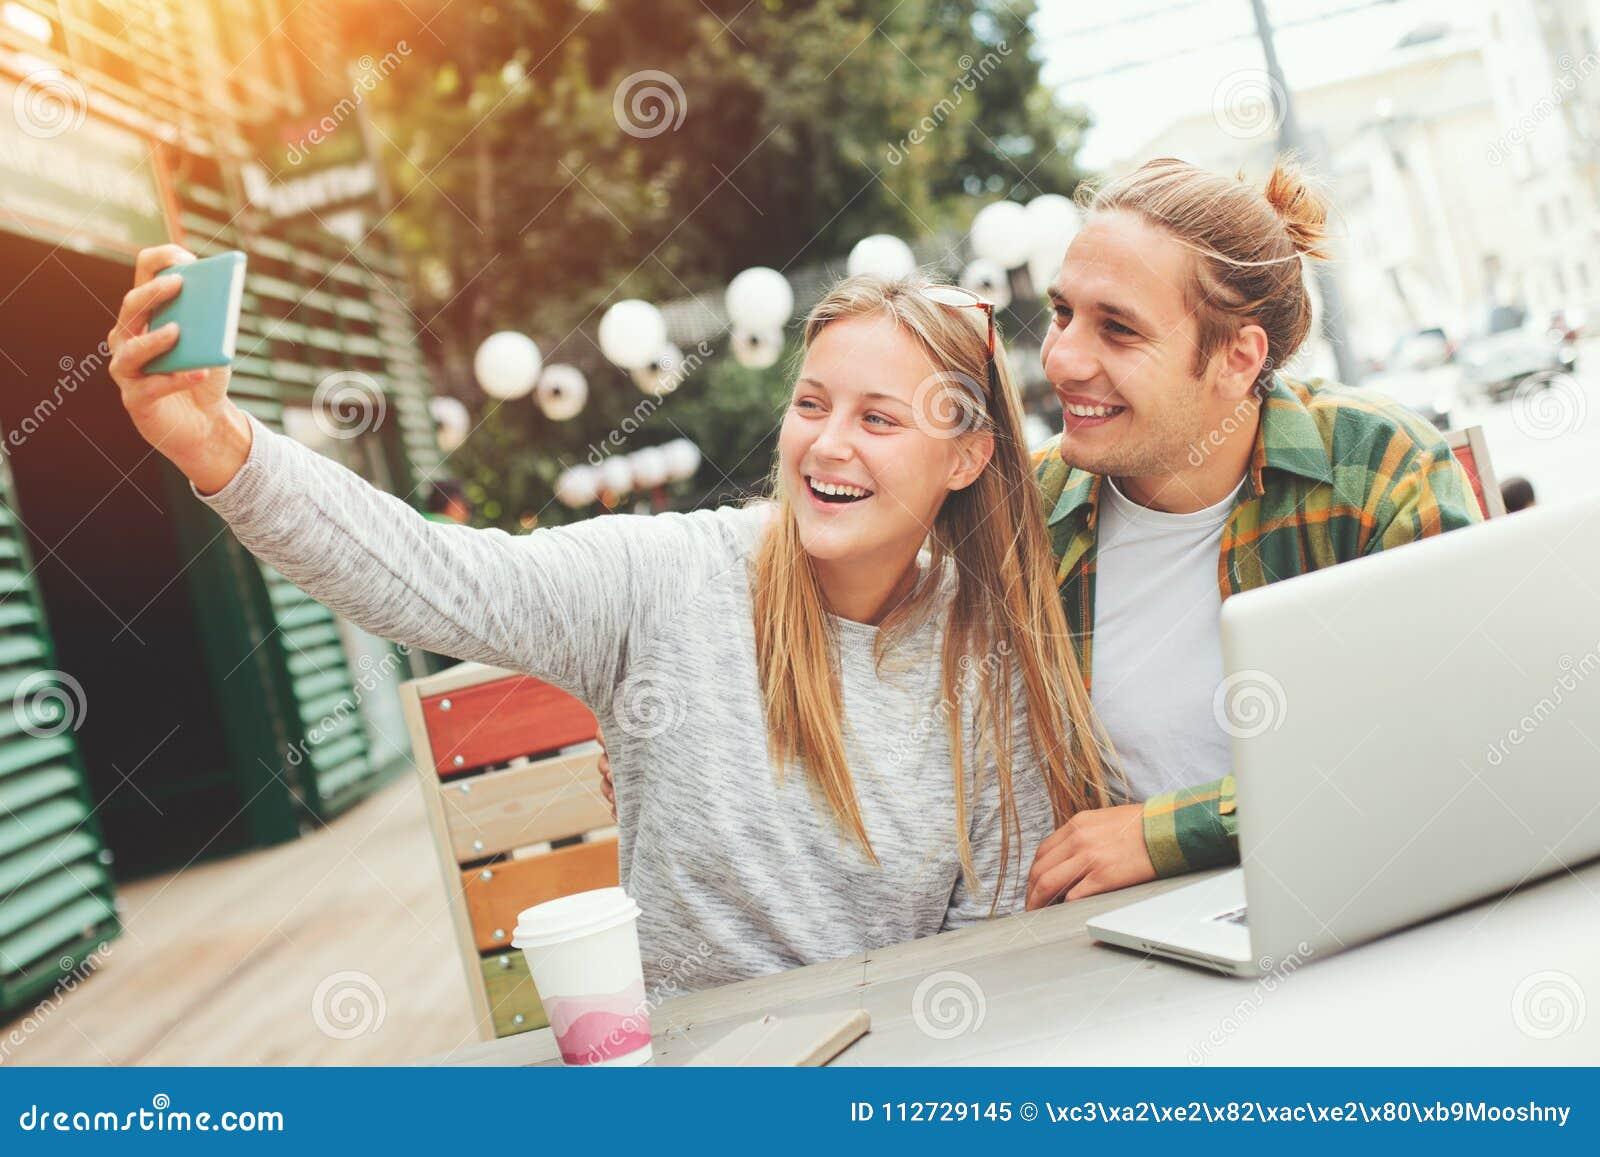 Coppie felici che prendono selfie mentre sedendosi in caffè all aperto